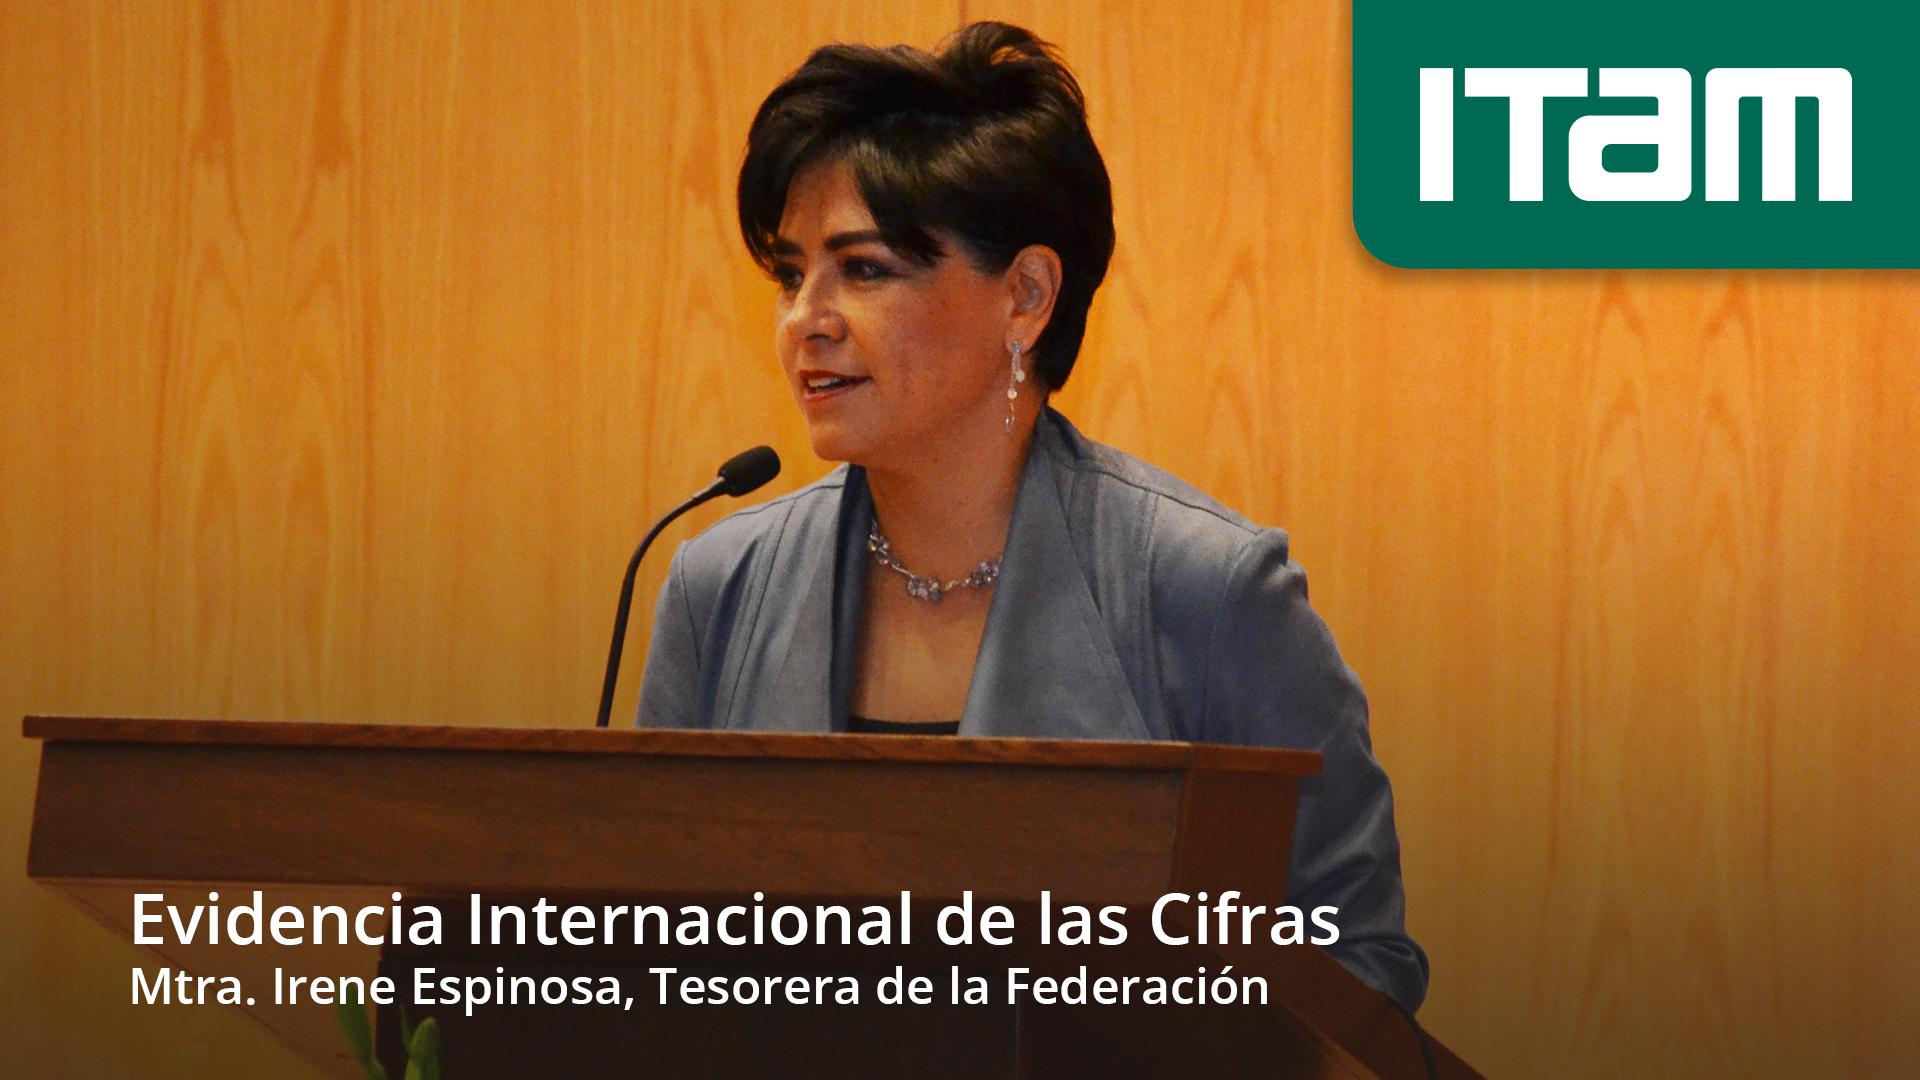 Evidencia Internacional de las Cifras